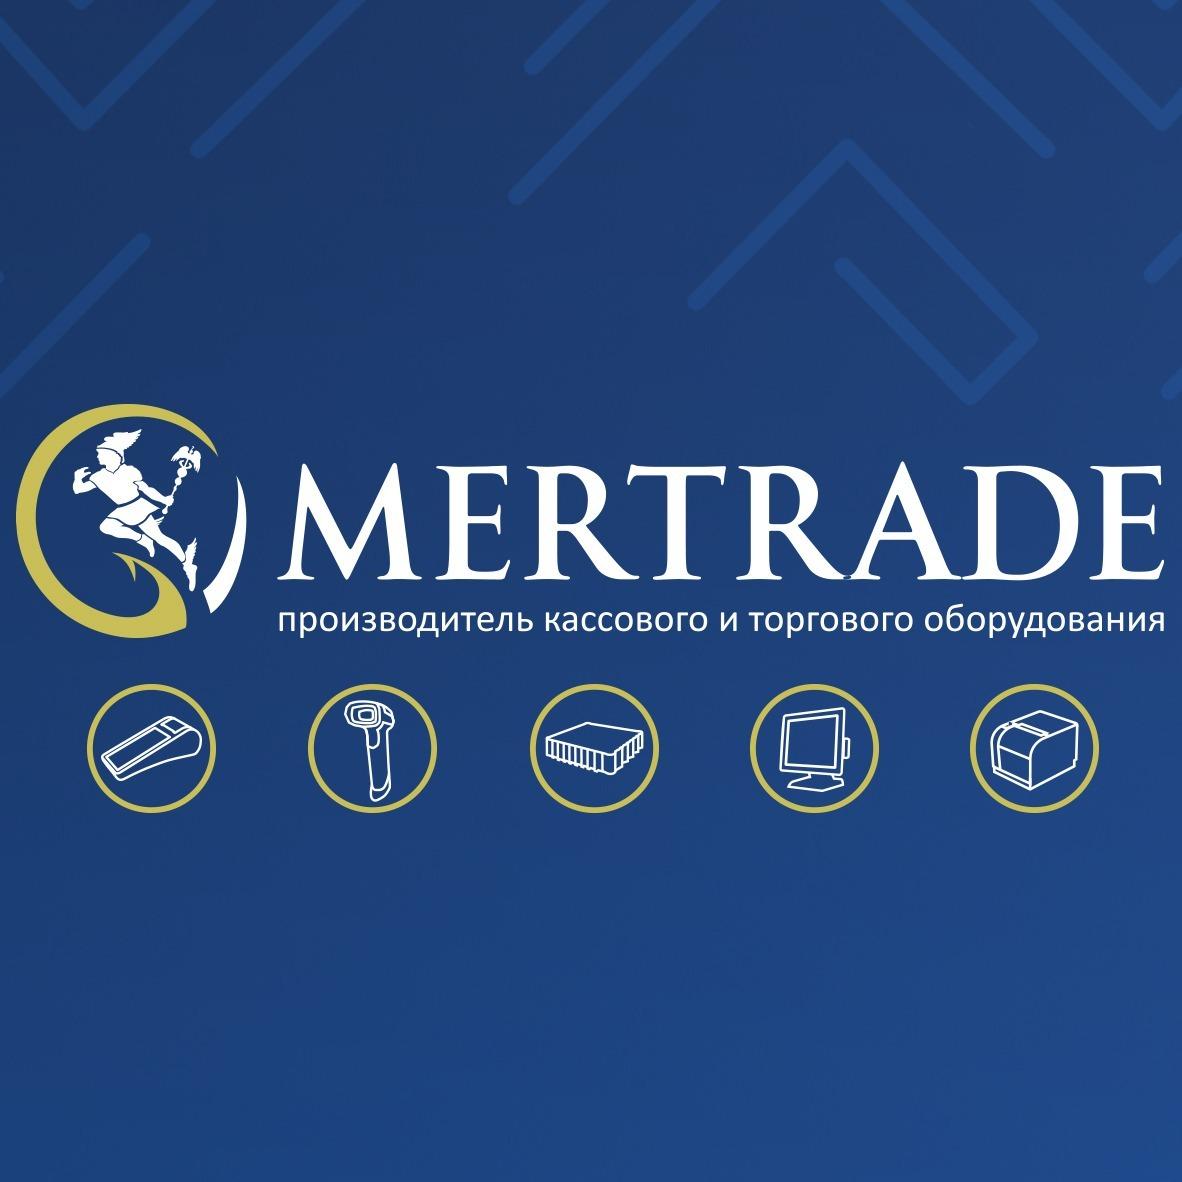 Контрольно-кассовая техника и торговое оборудование Мертрейд (Mertrade).